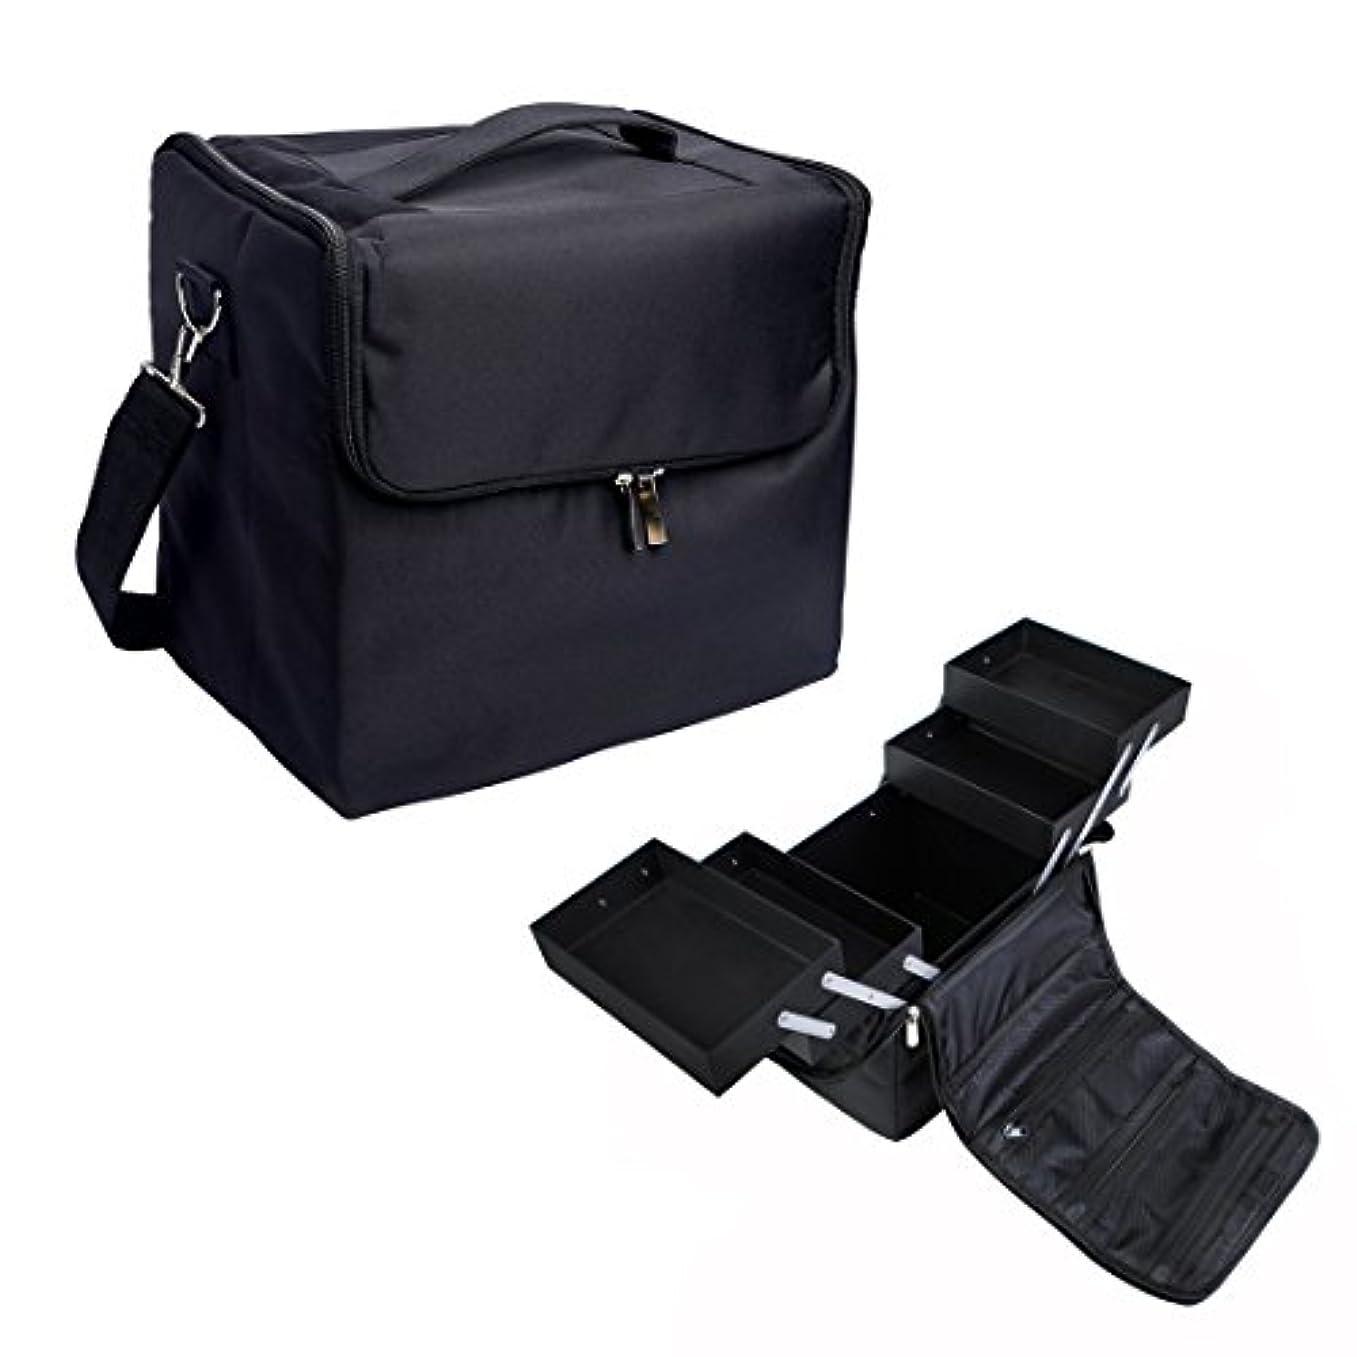 [プロ仕様]Hapilife メイクボックス トレイ付き プロ用 化粧品収納 ブラック